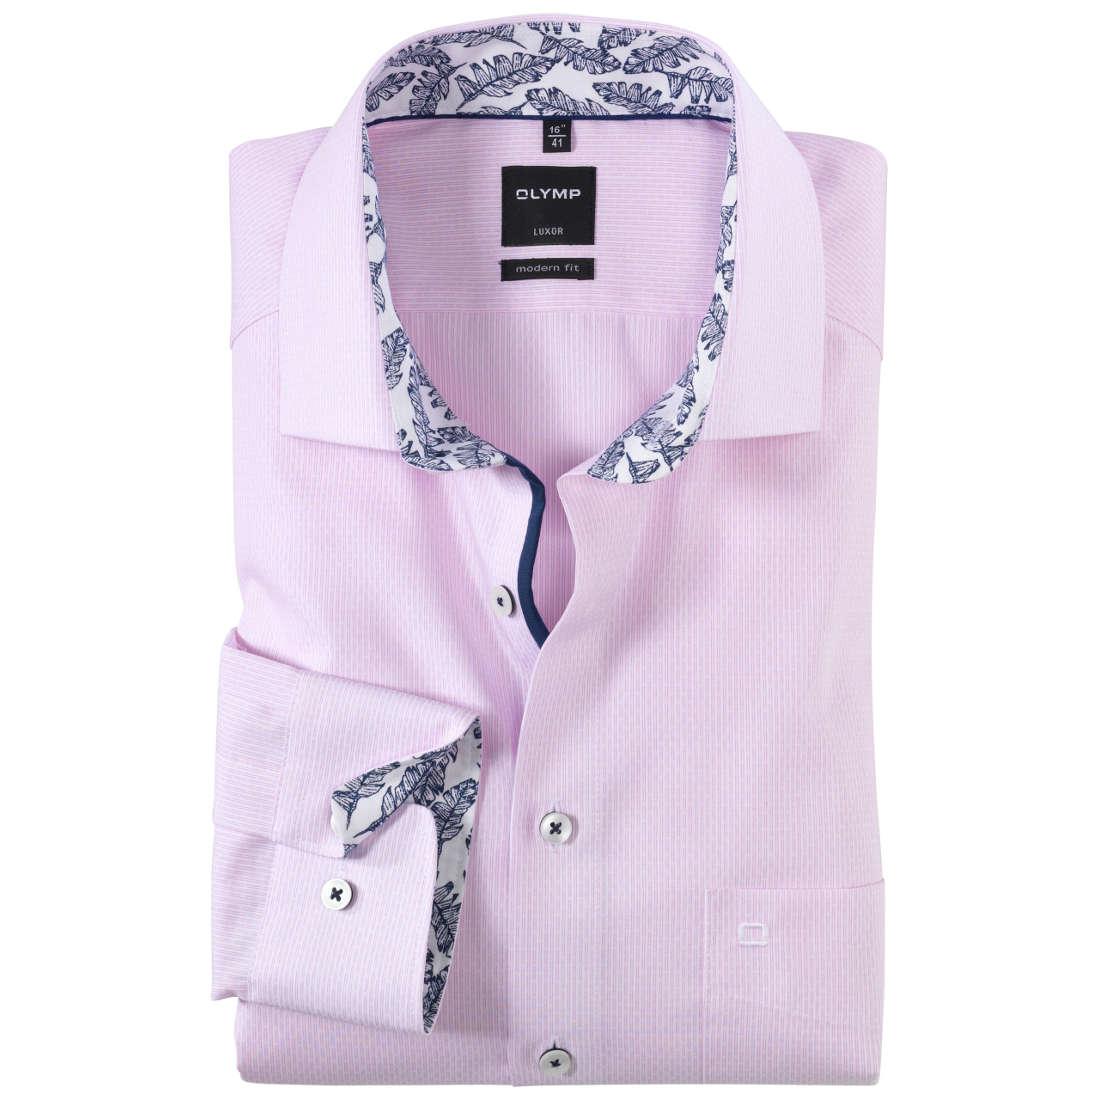 OLYMP overhemd Modern Fit 125914 in het Roze